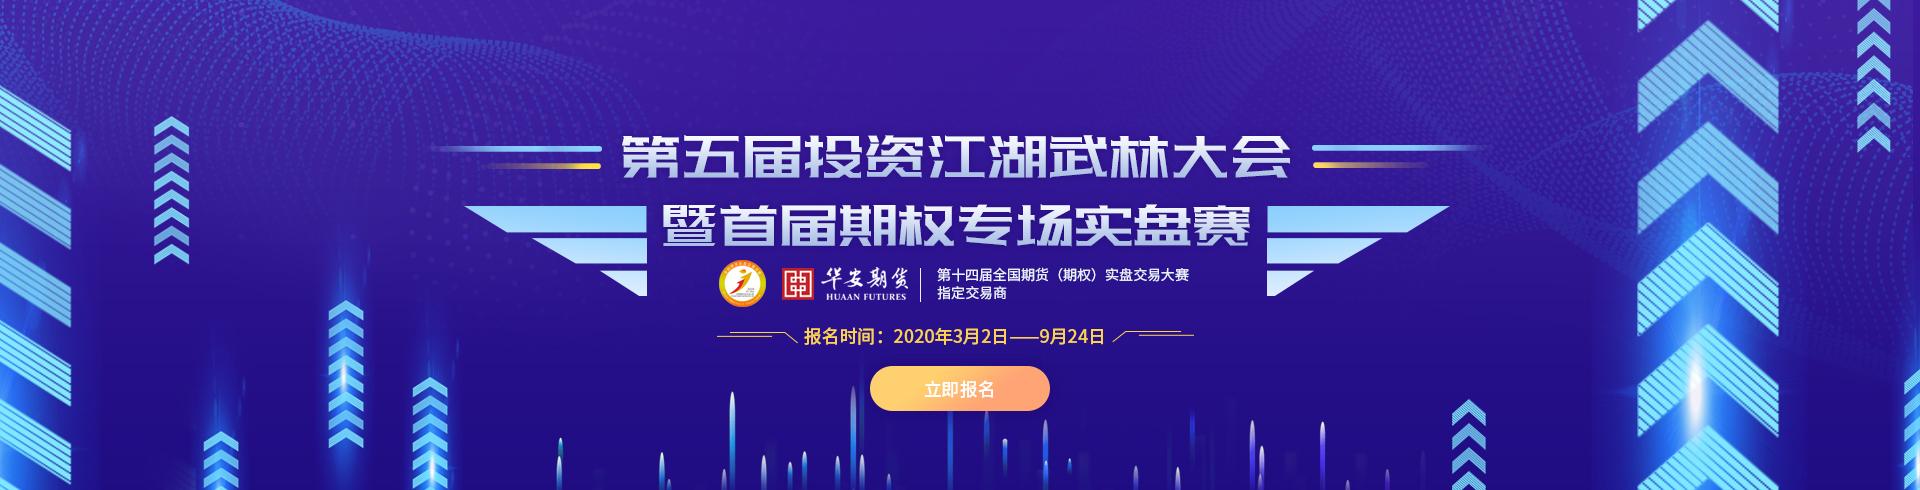 投资江湖实盘大赛